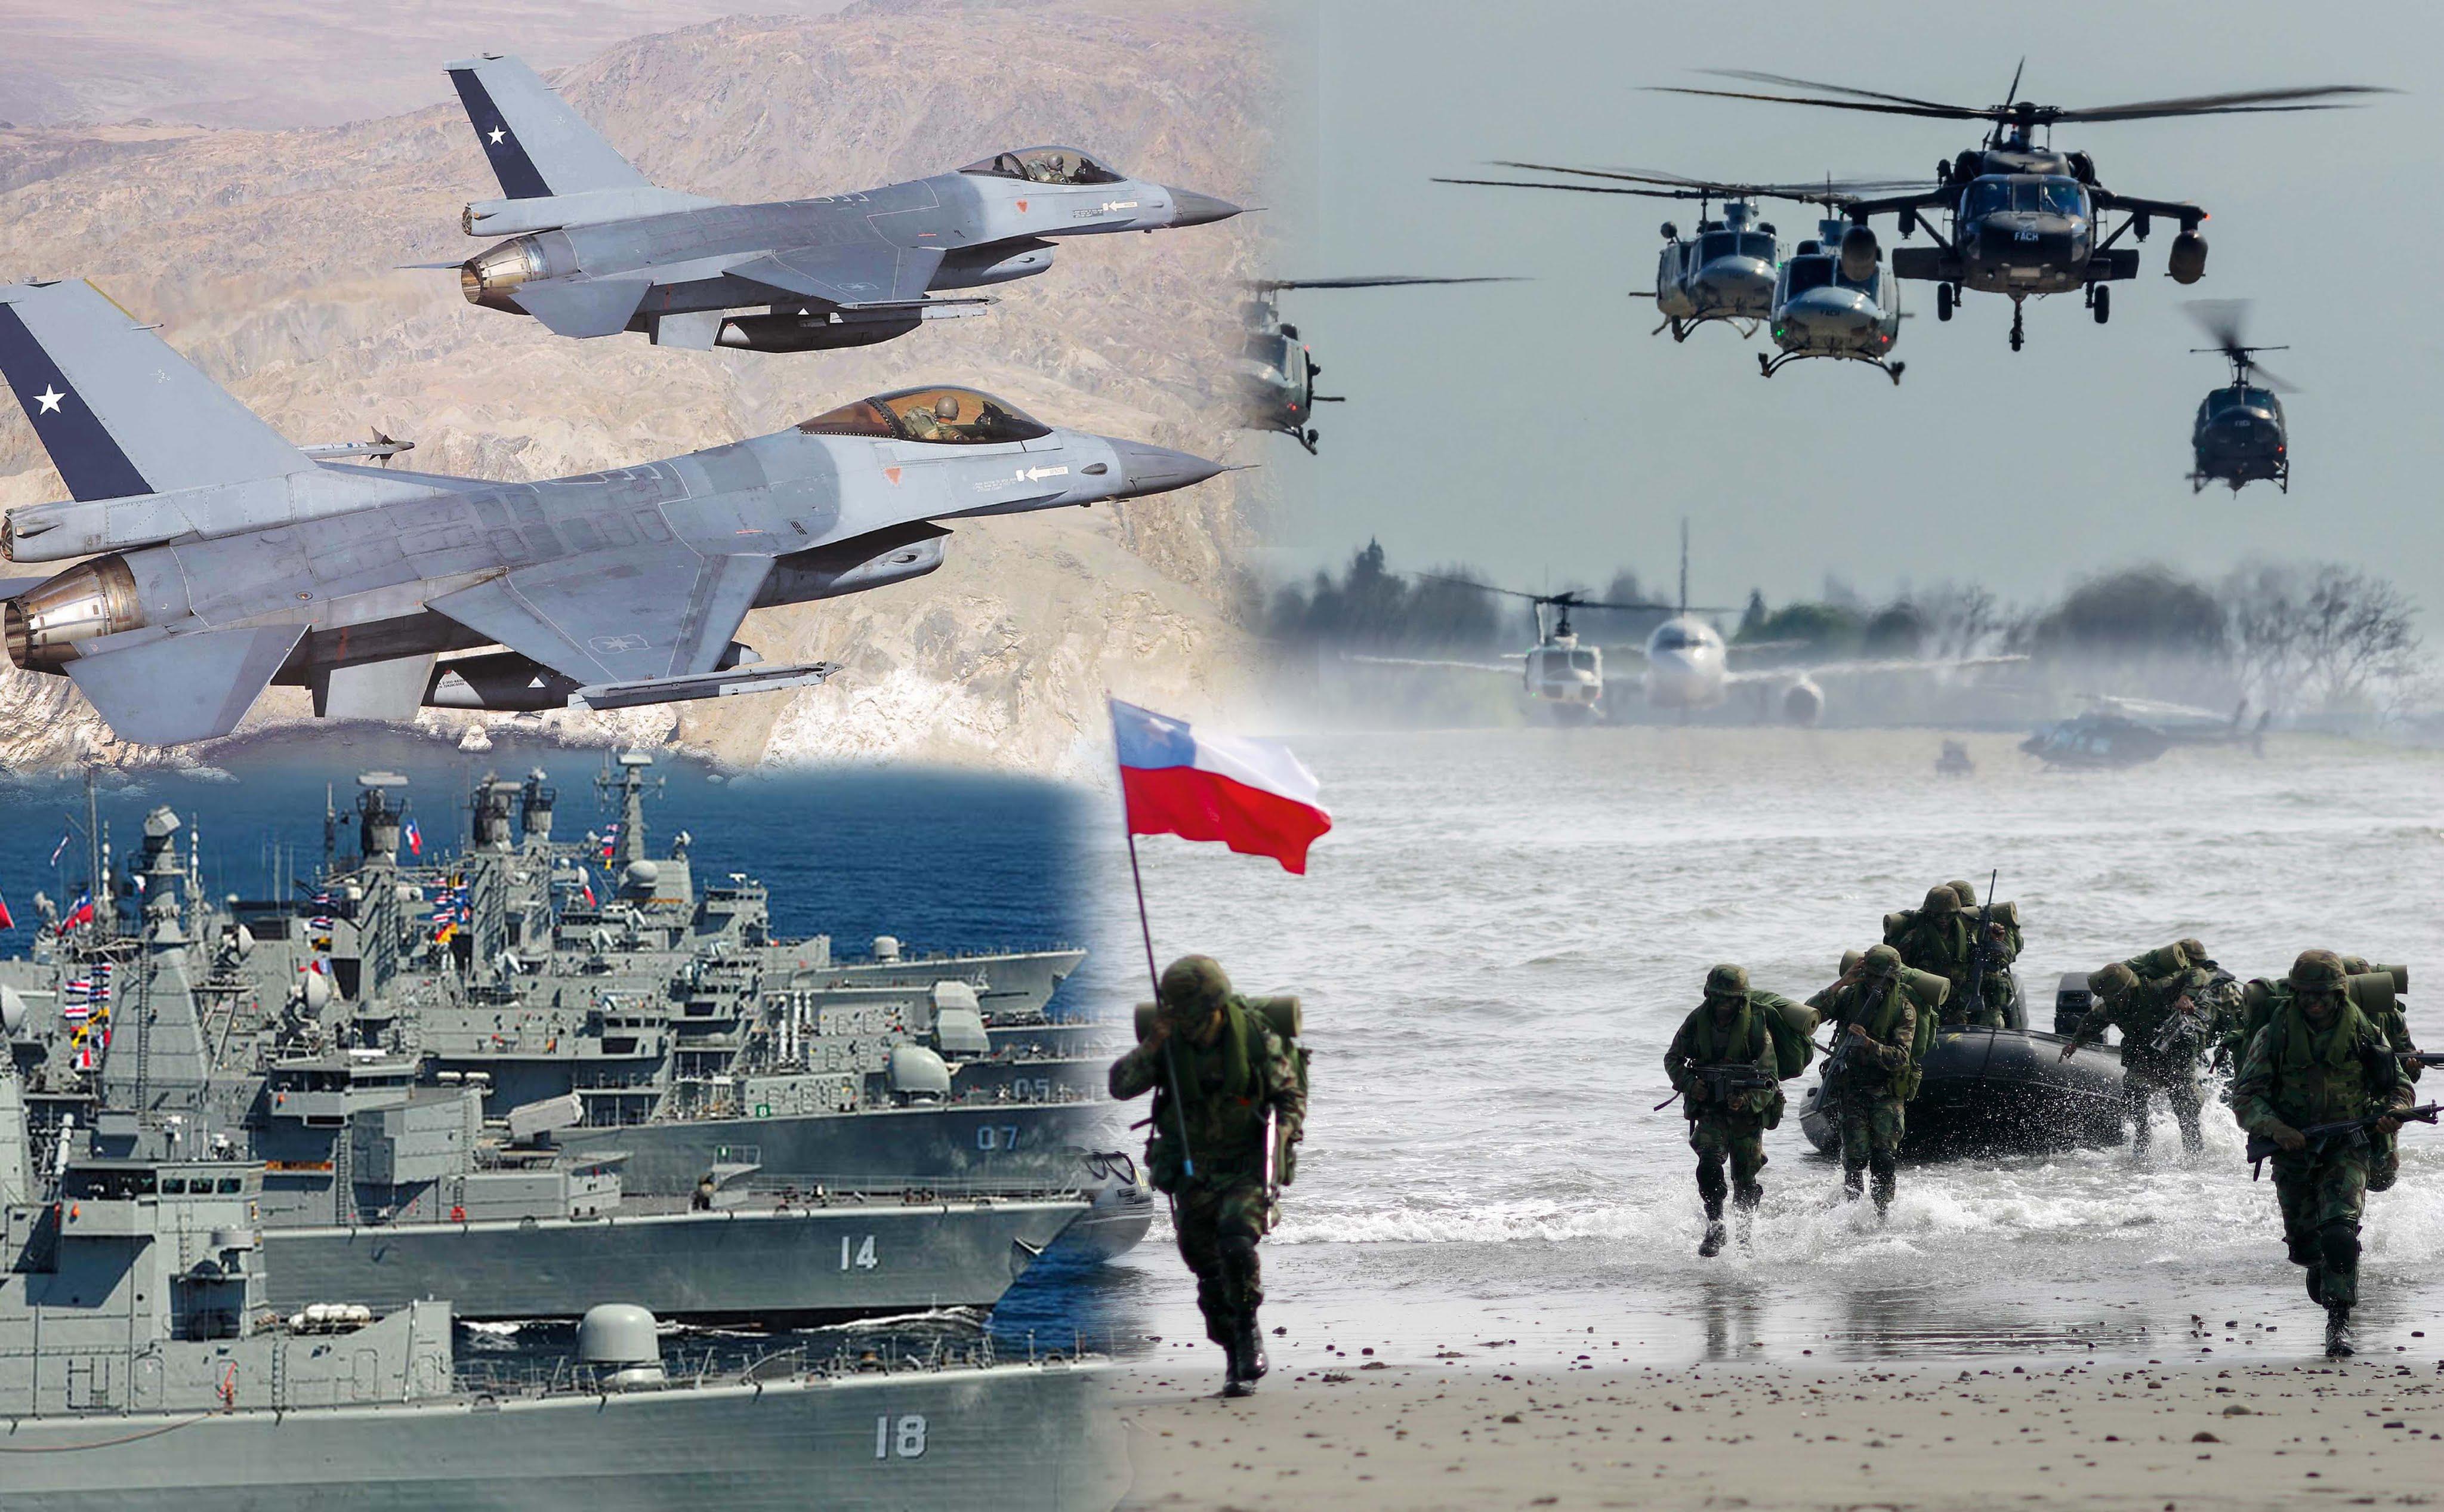 Piñera y el uso indebido de las Fuerzas Armadas